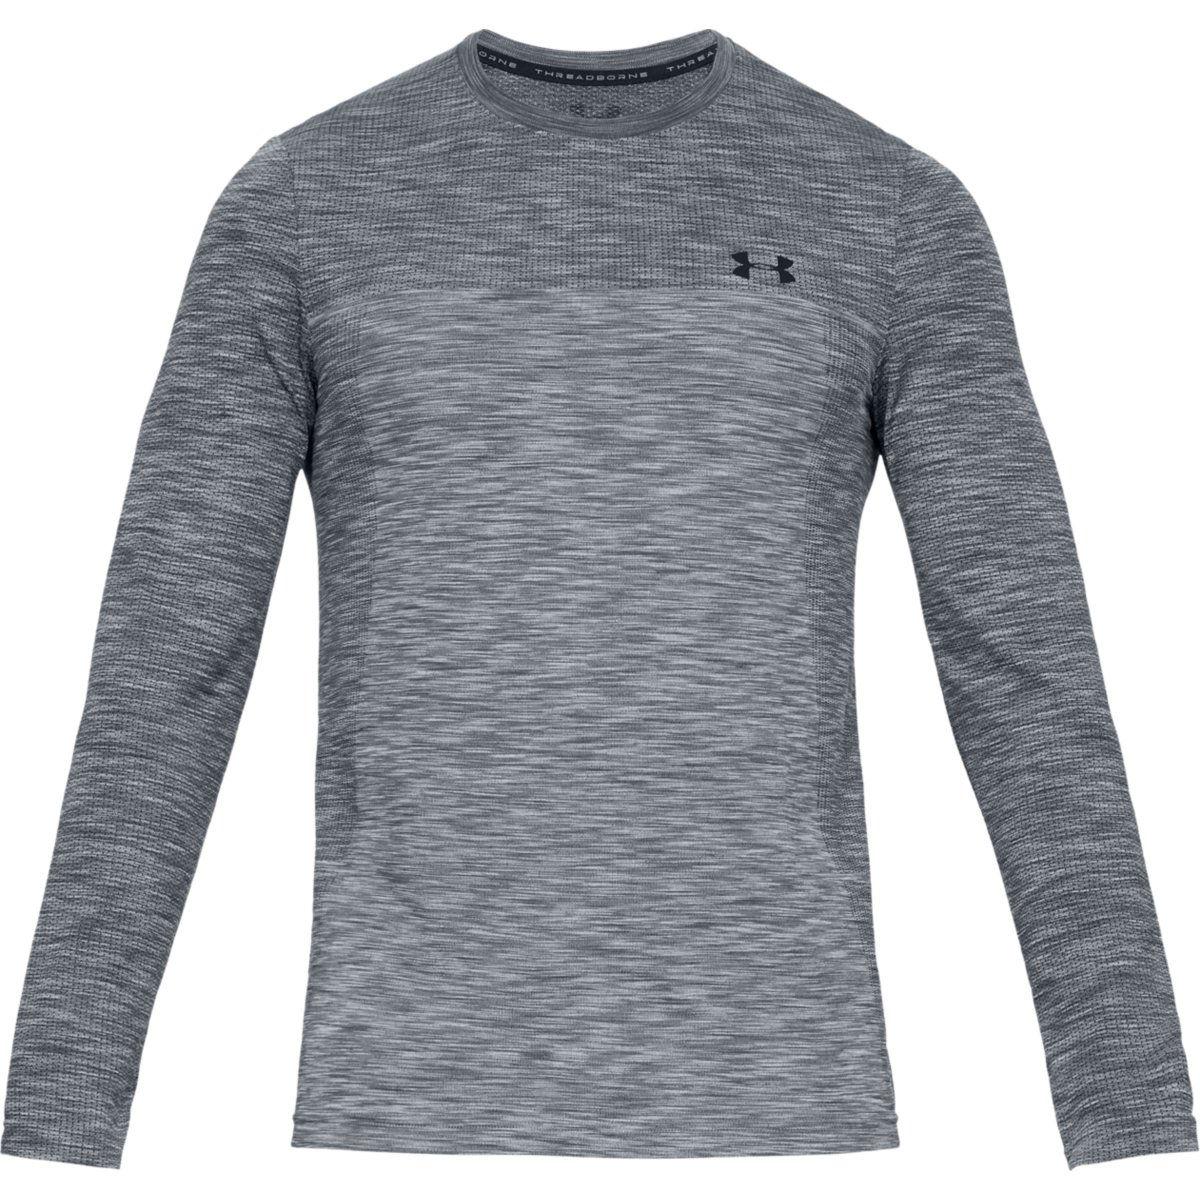 3c65c257abebd Camiseta de manga larga siphon - camisetas de manga larga para running